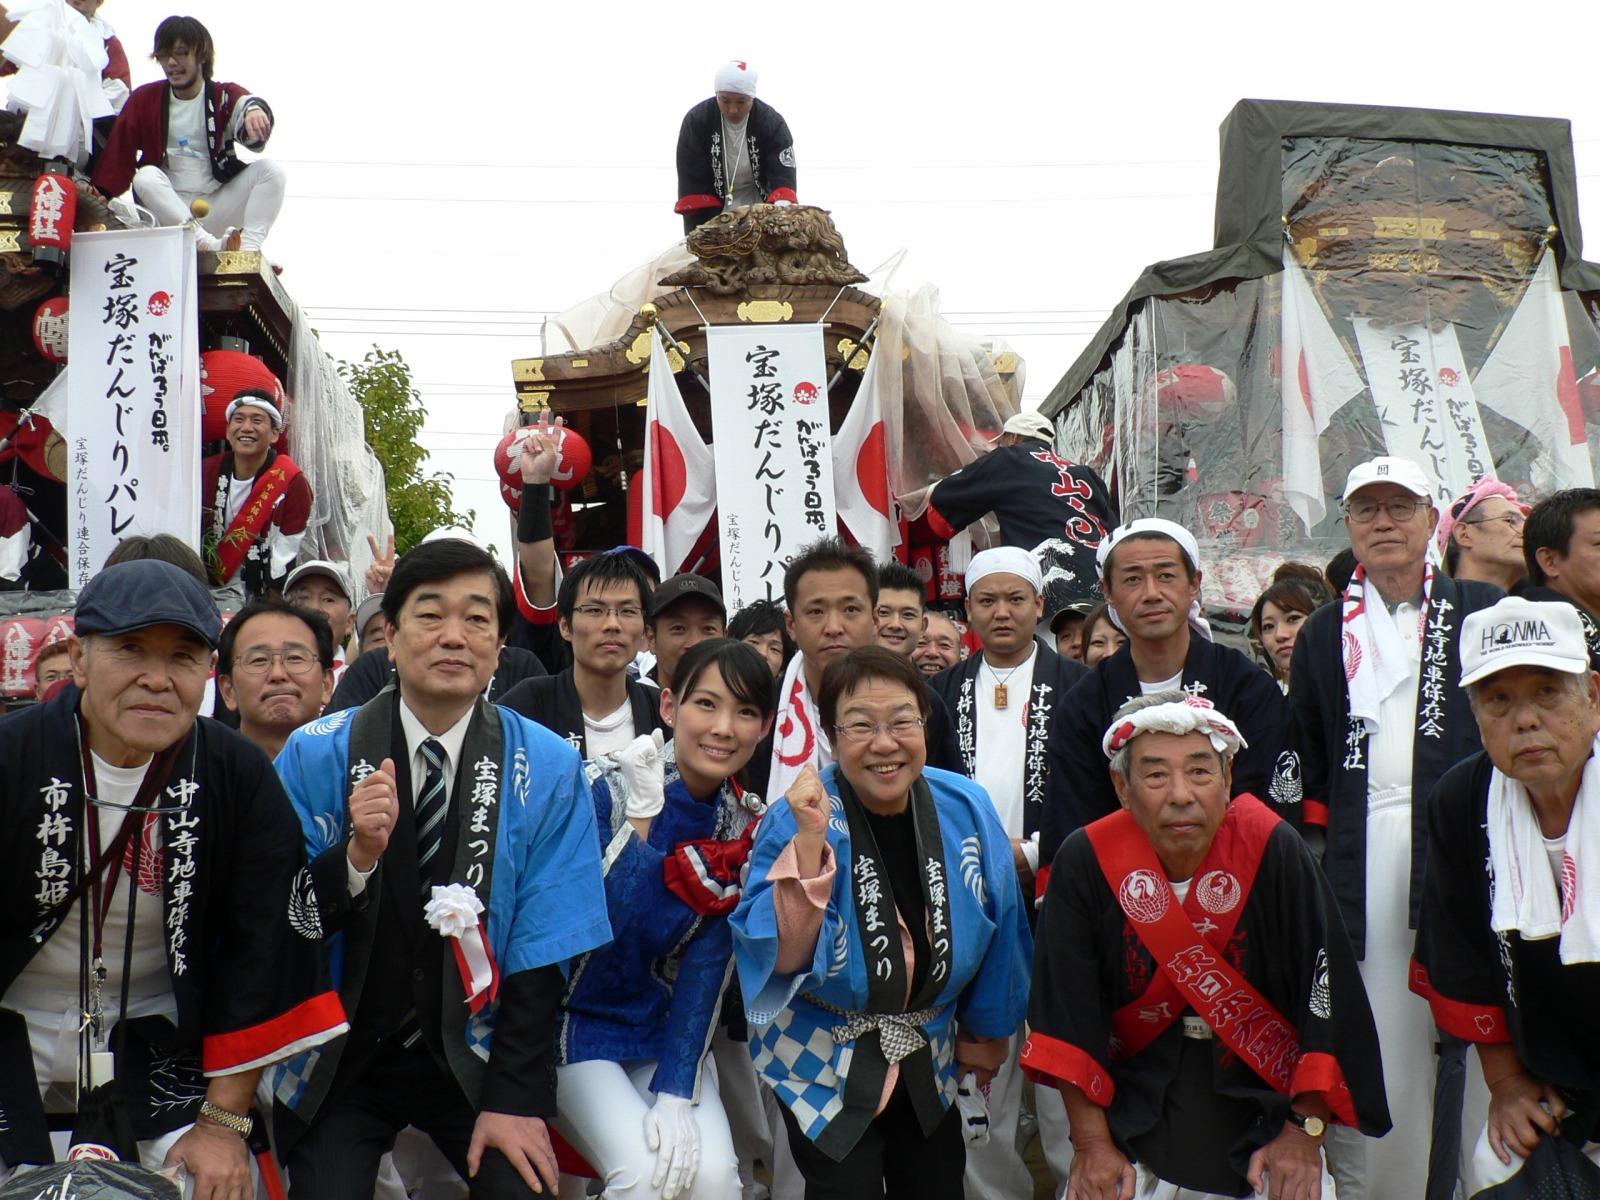 11/5 宝塚だんじりパレード_a0218340_1742181.jpg